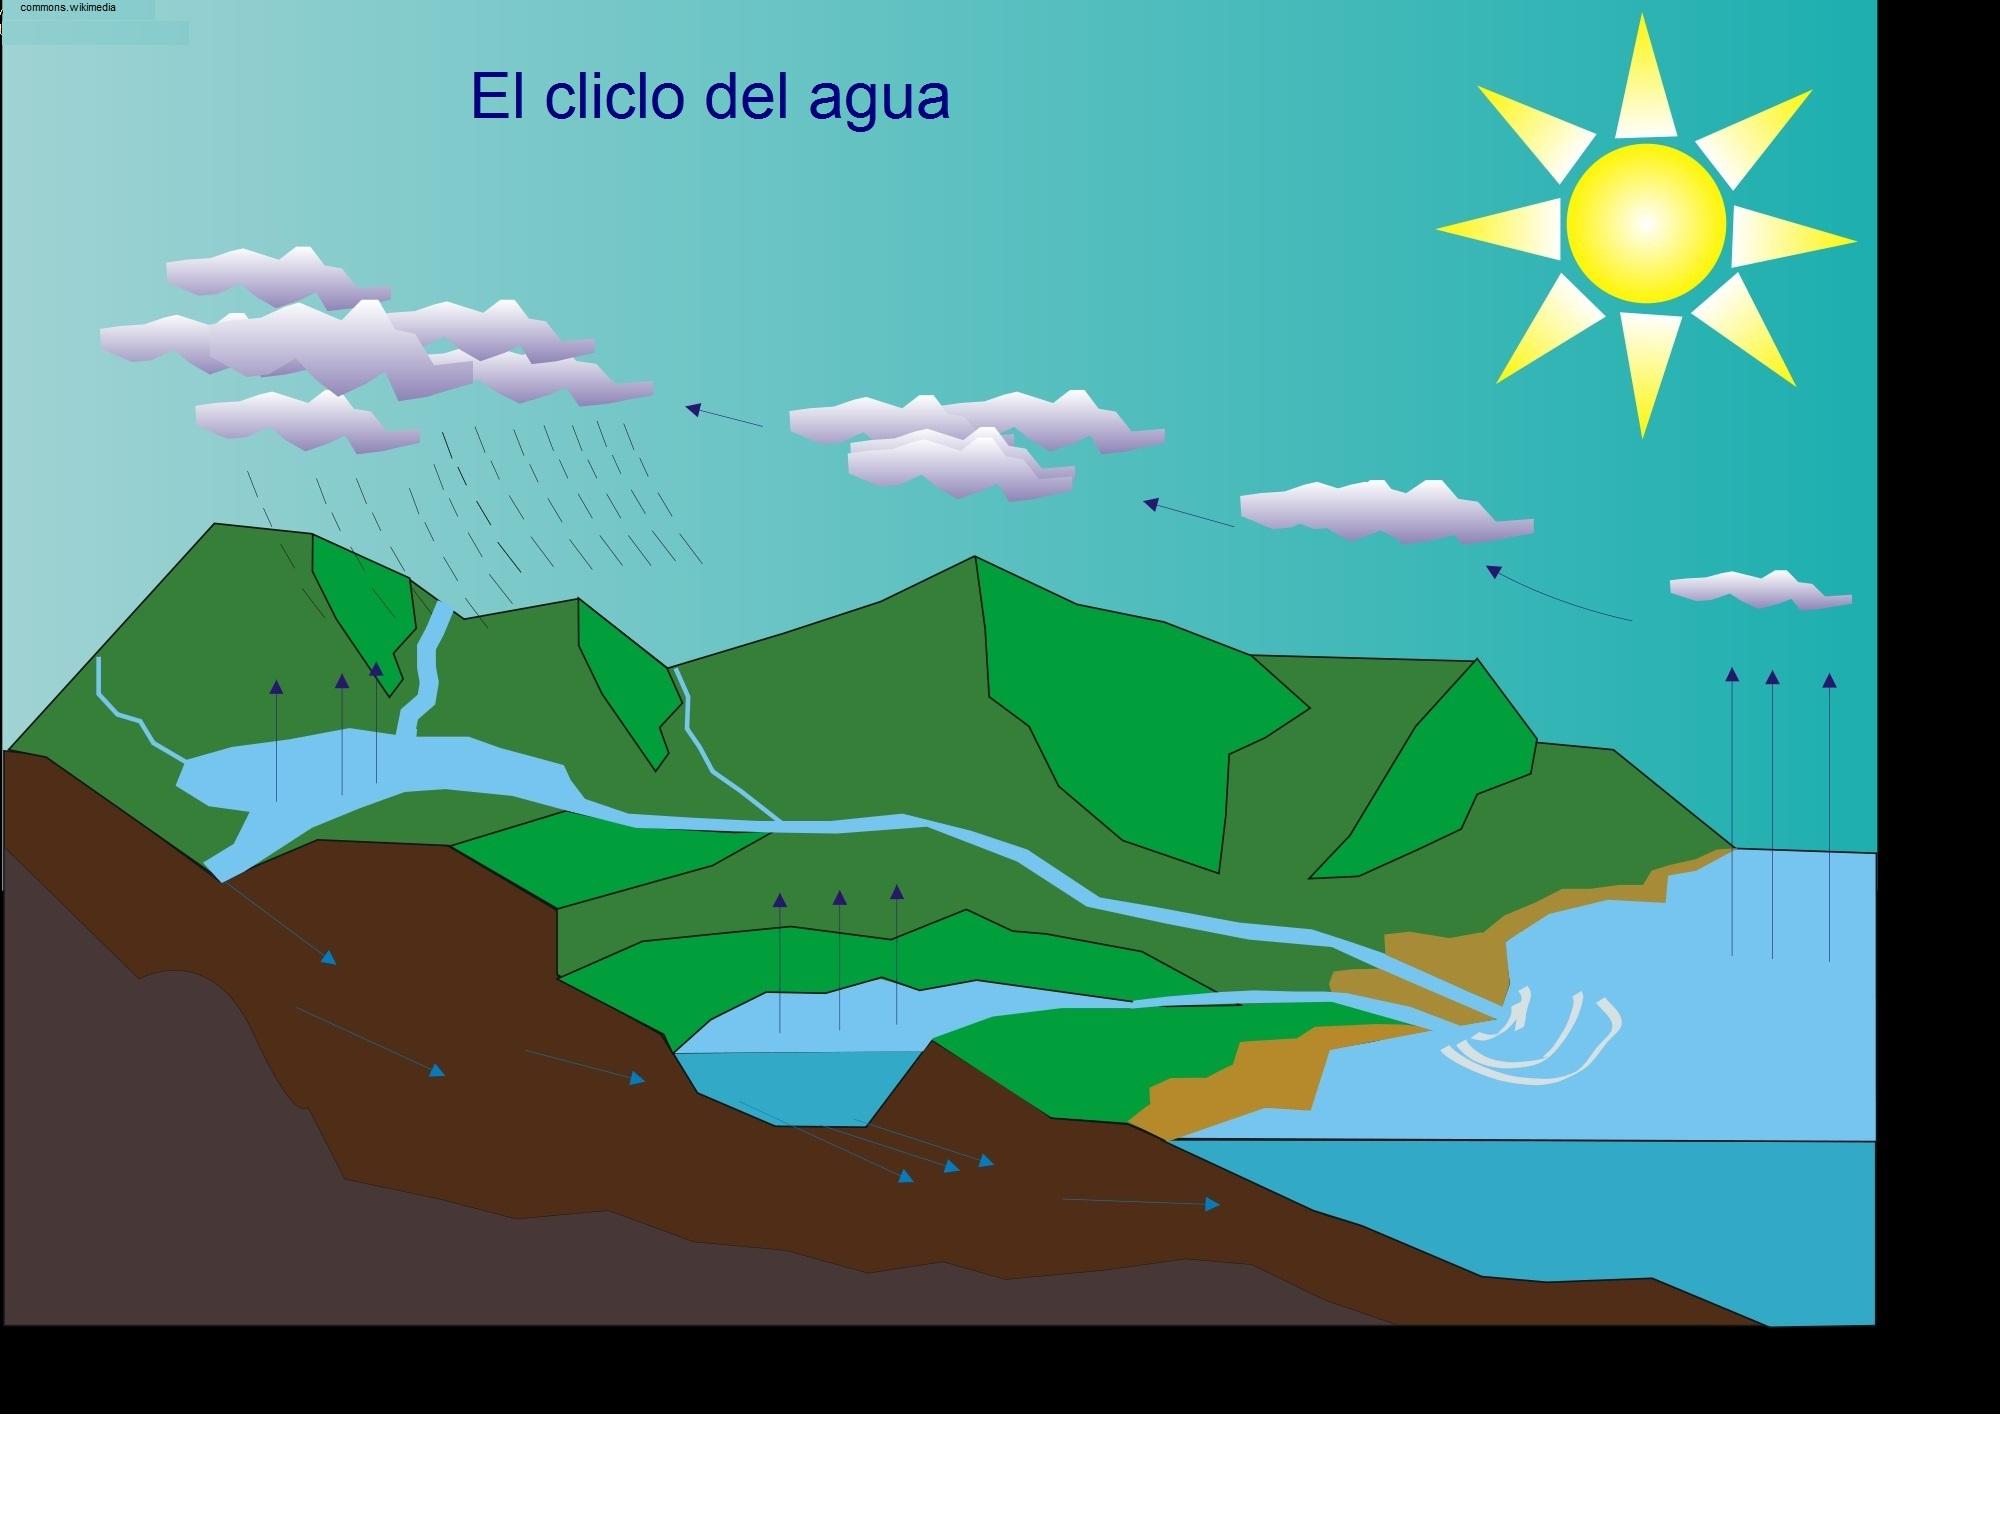 imágenes el ciclo del agua el ciclo del agua